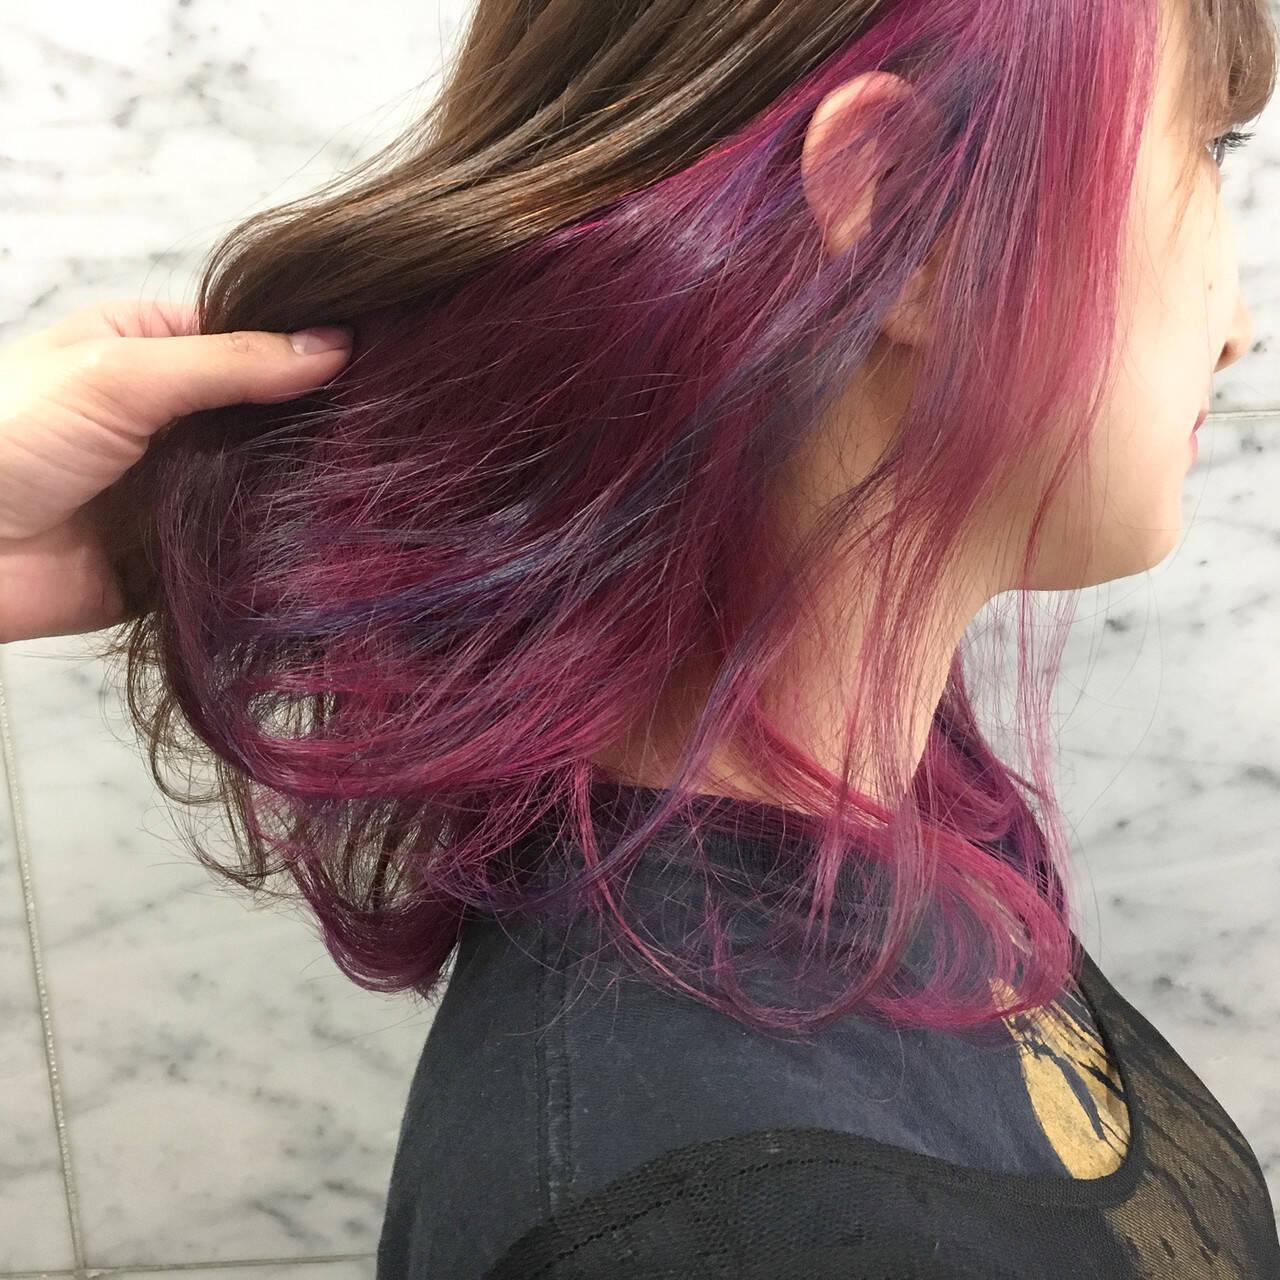 コリアンピンク セミロング インナーカラーパープル インナーカラーヘアスタイルや髪型の写真・画像